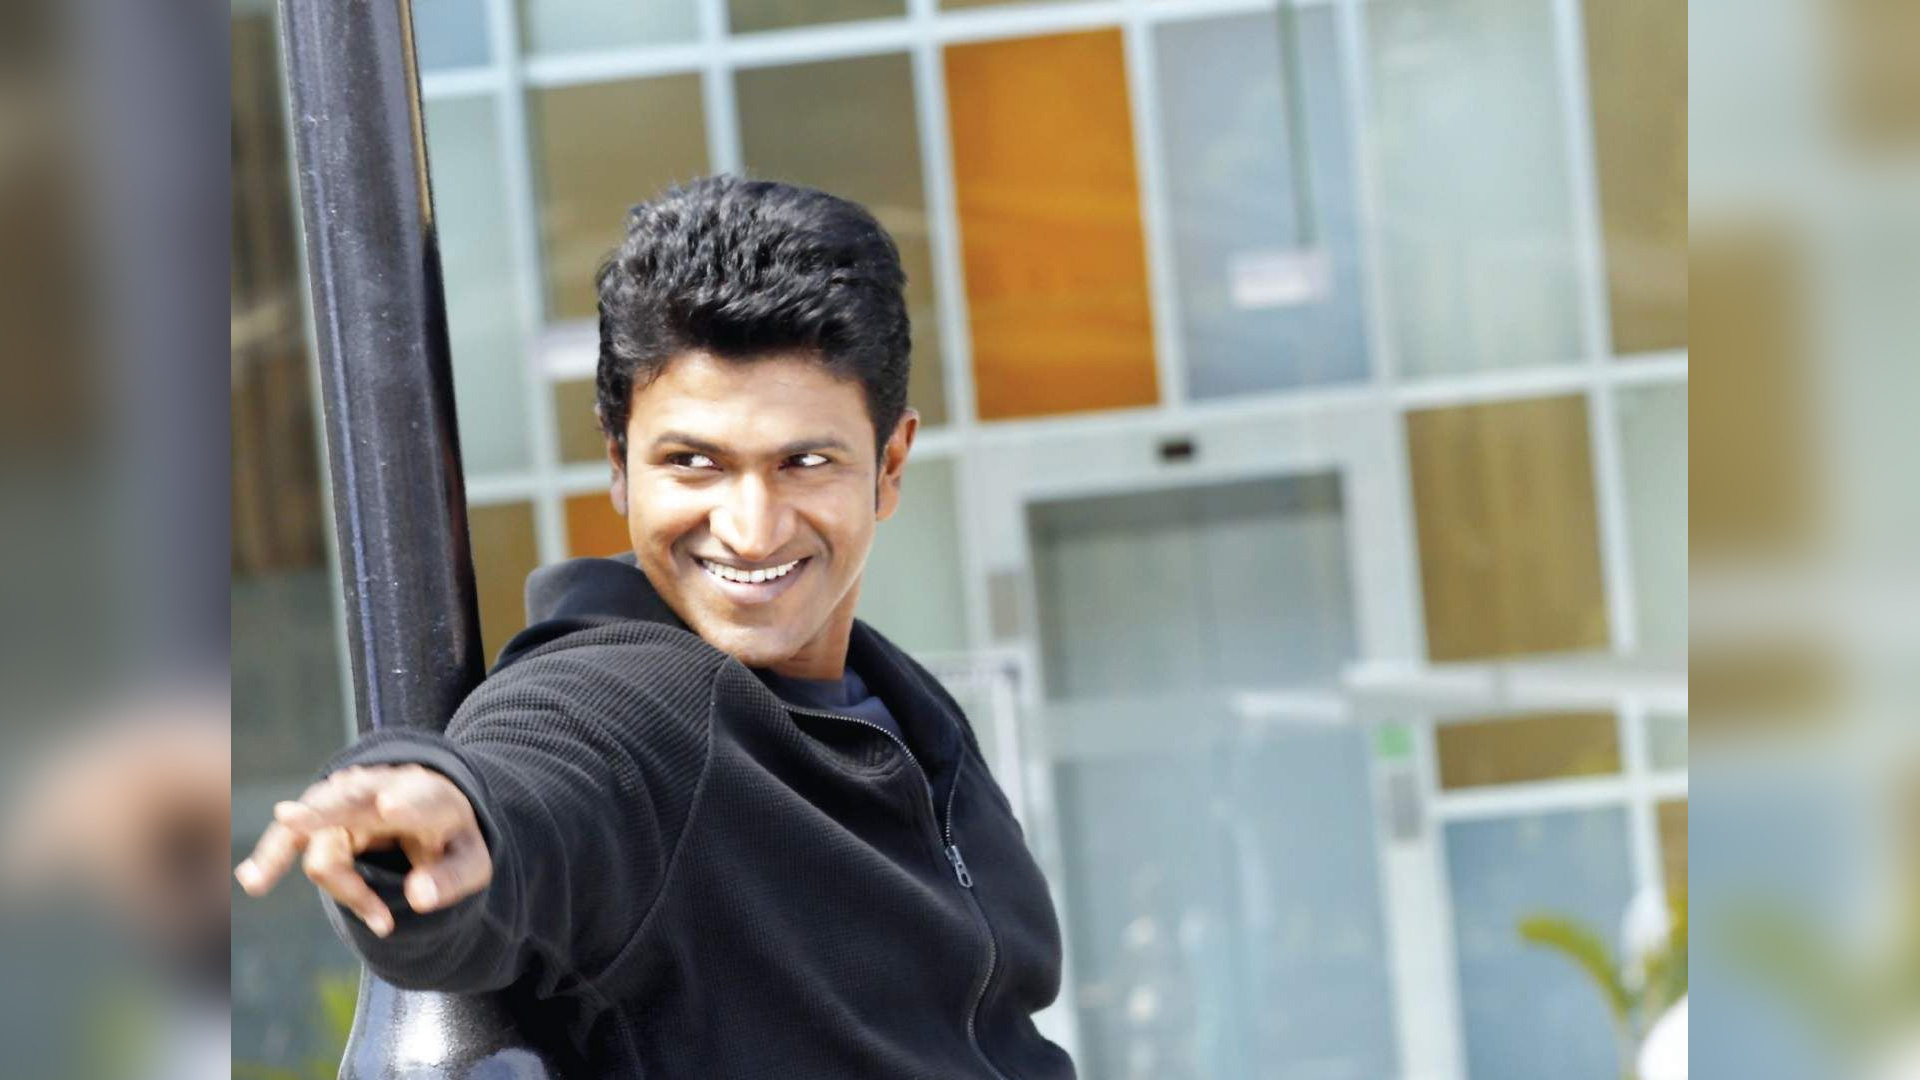 Puneeth Rajkumar